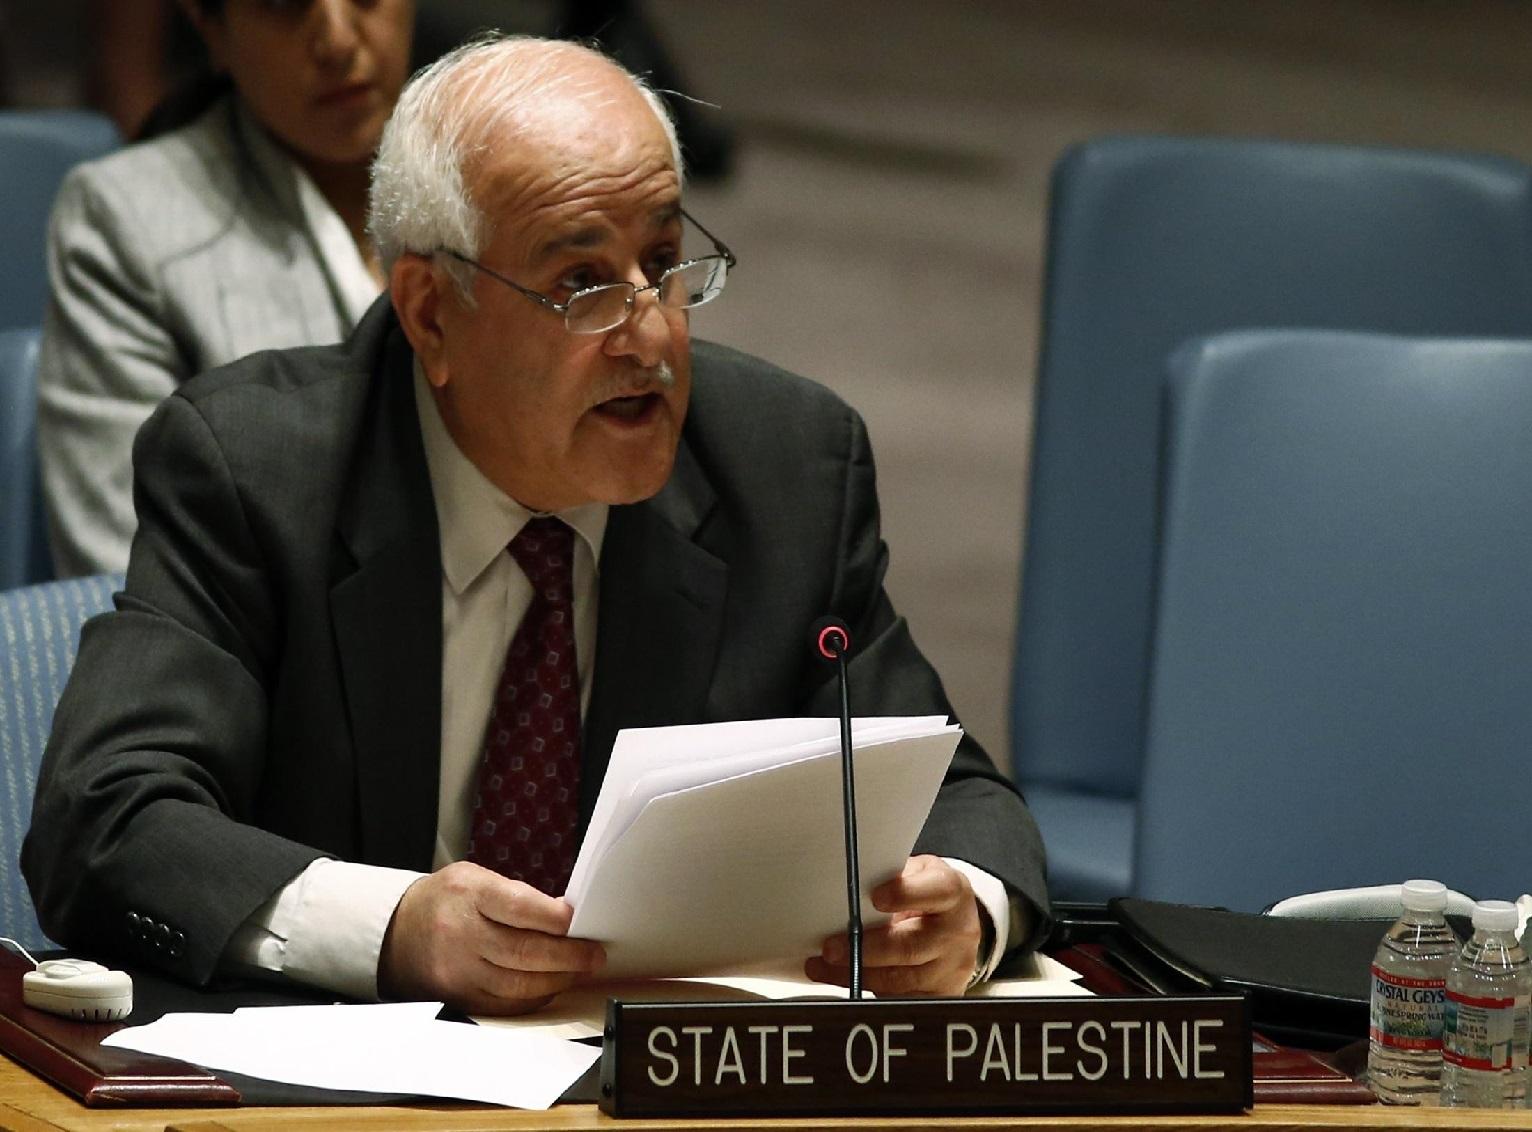 المندوب الفلسطيني لدى الأمم المتحدة رياض منصور